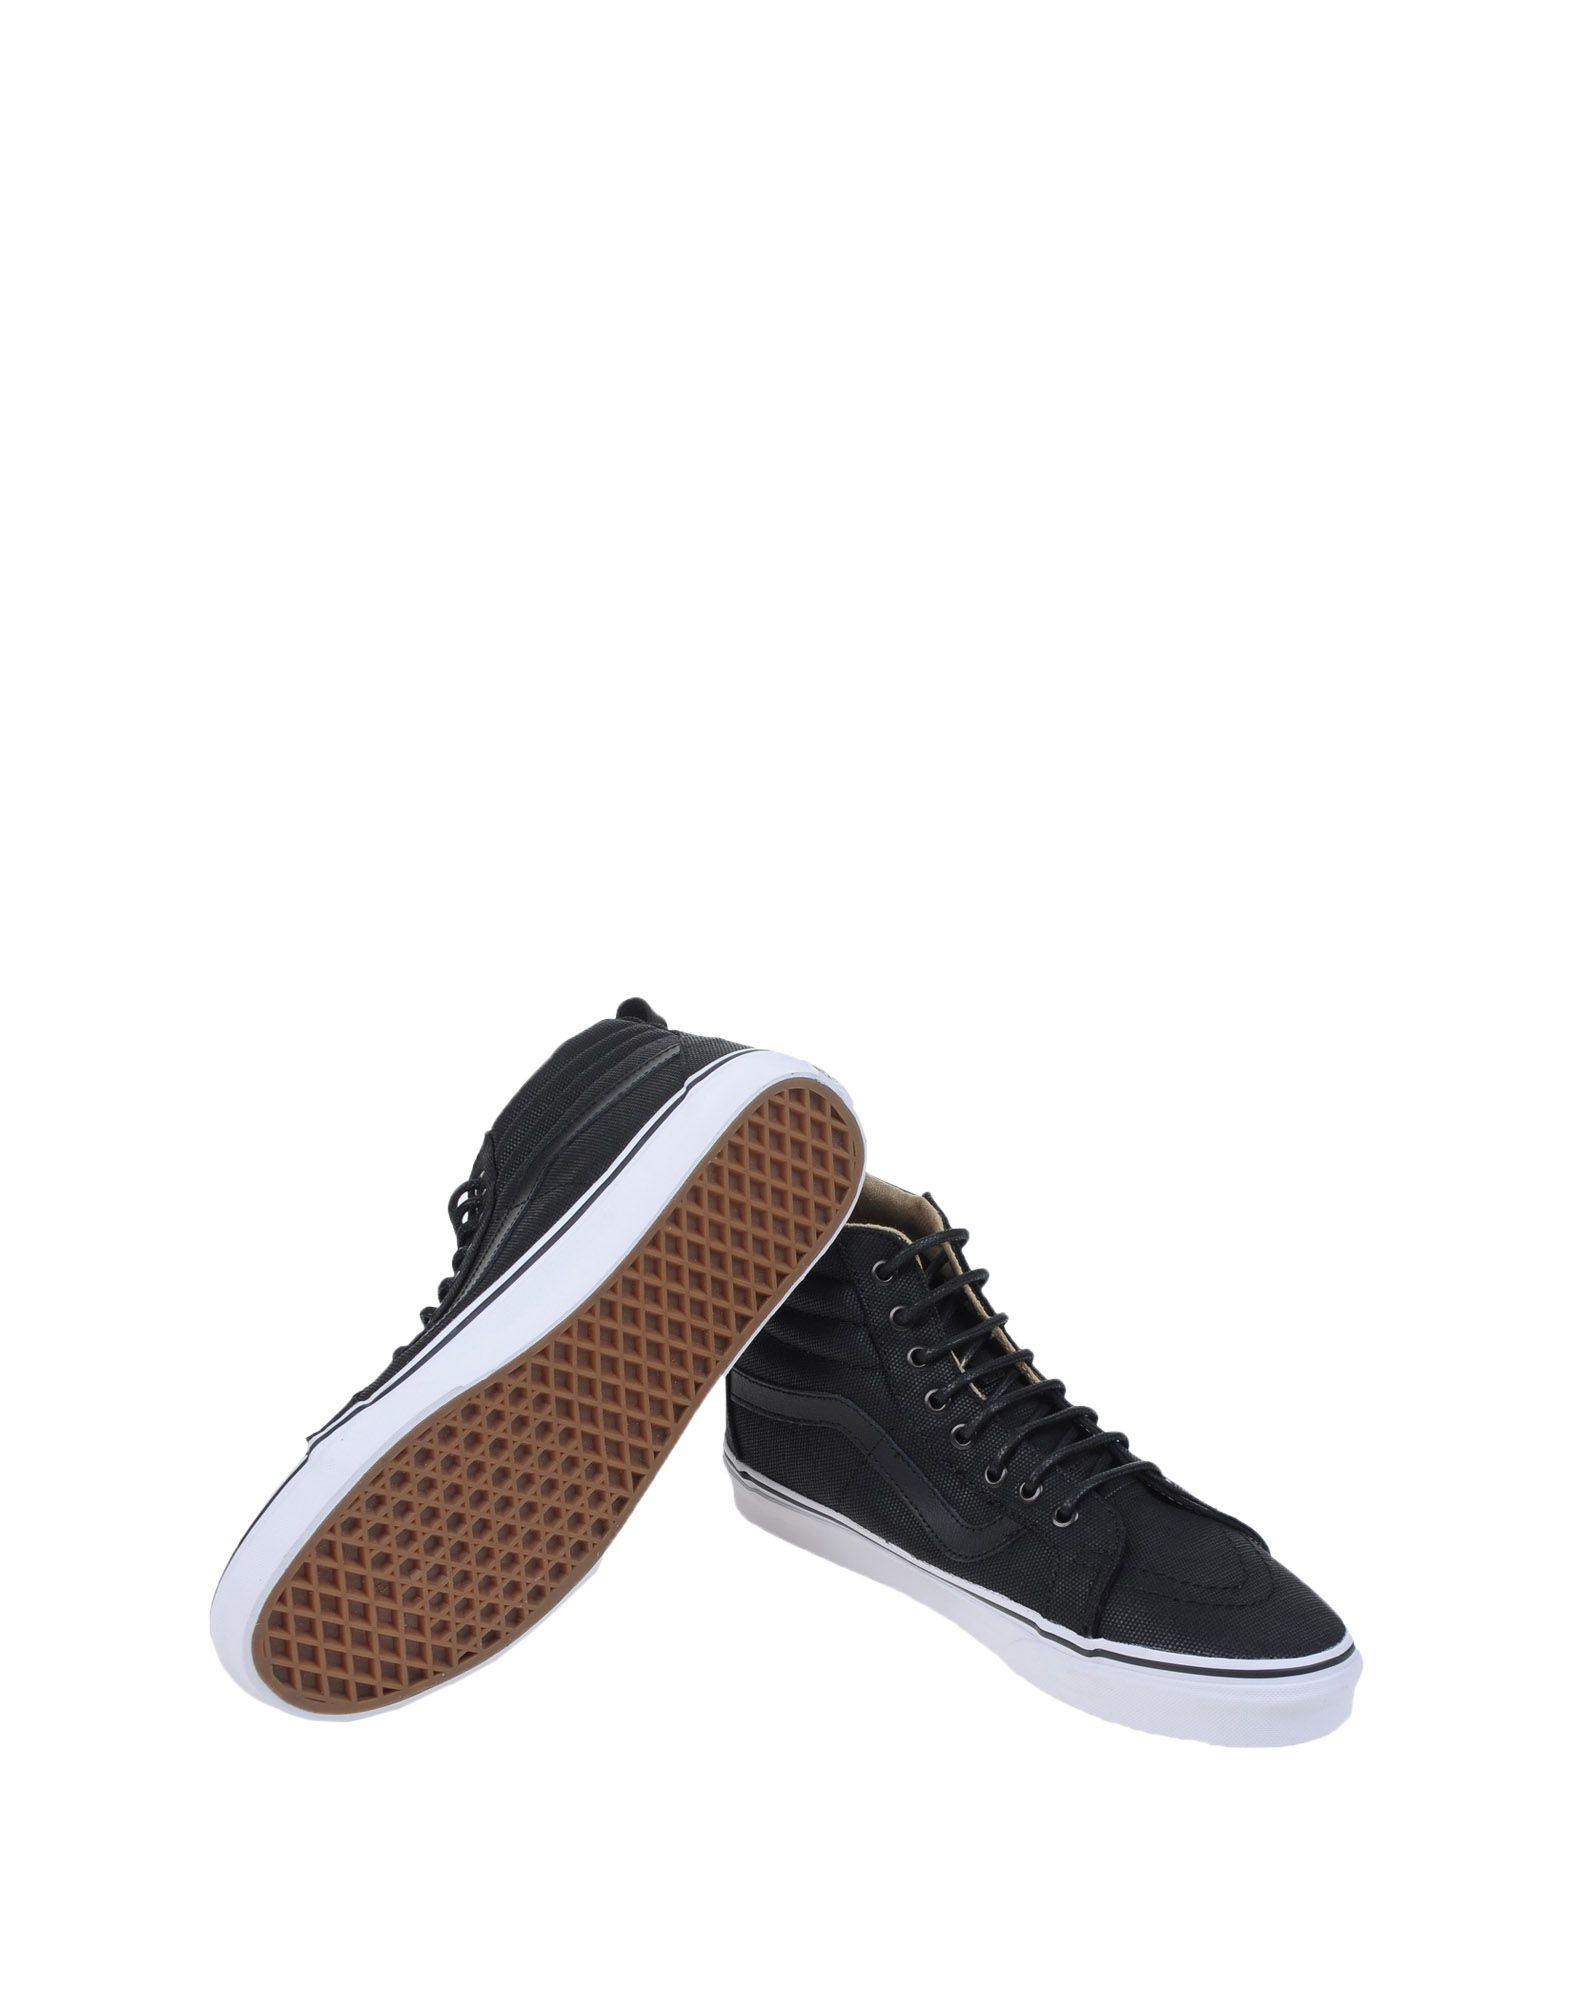 Sneakers Vans Sk8-Hi Reissue Pt - Homme - Sneakers Vans sur